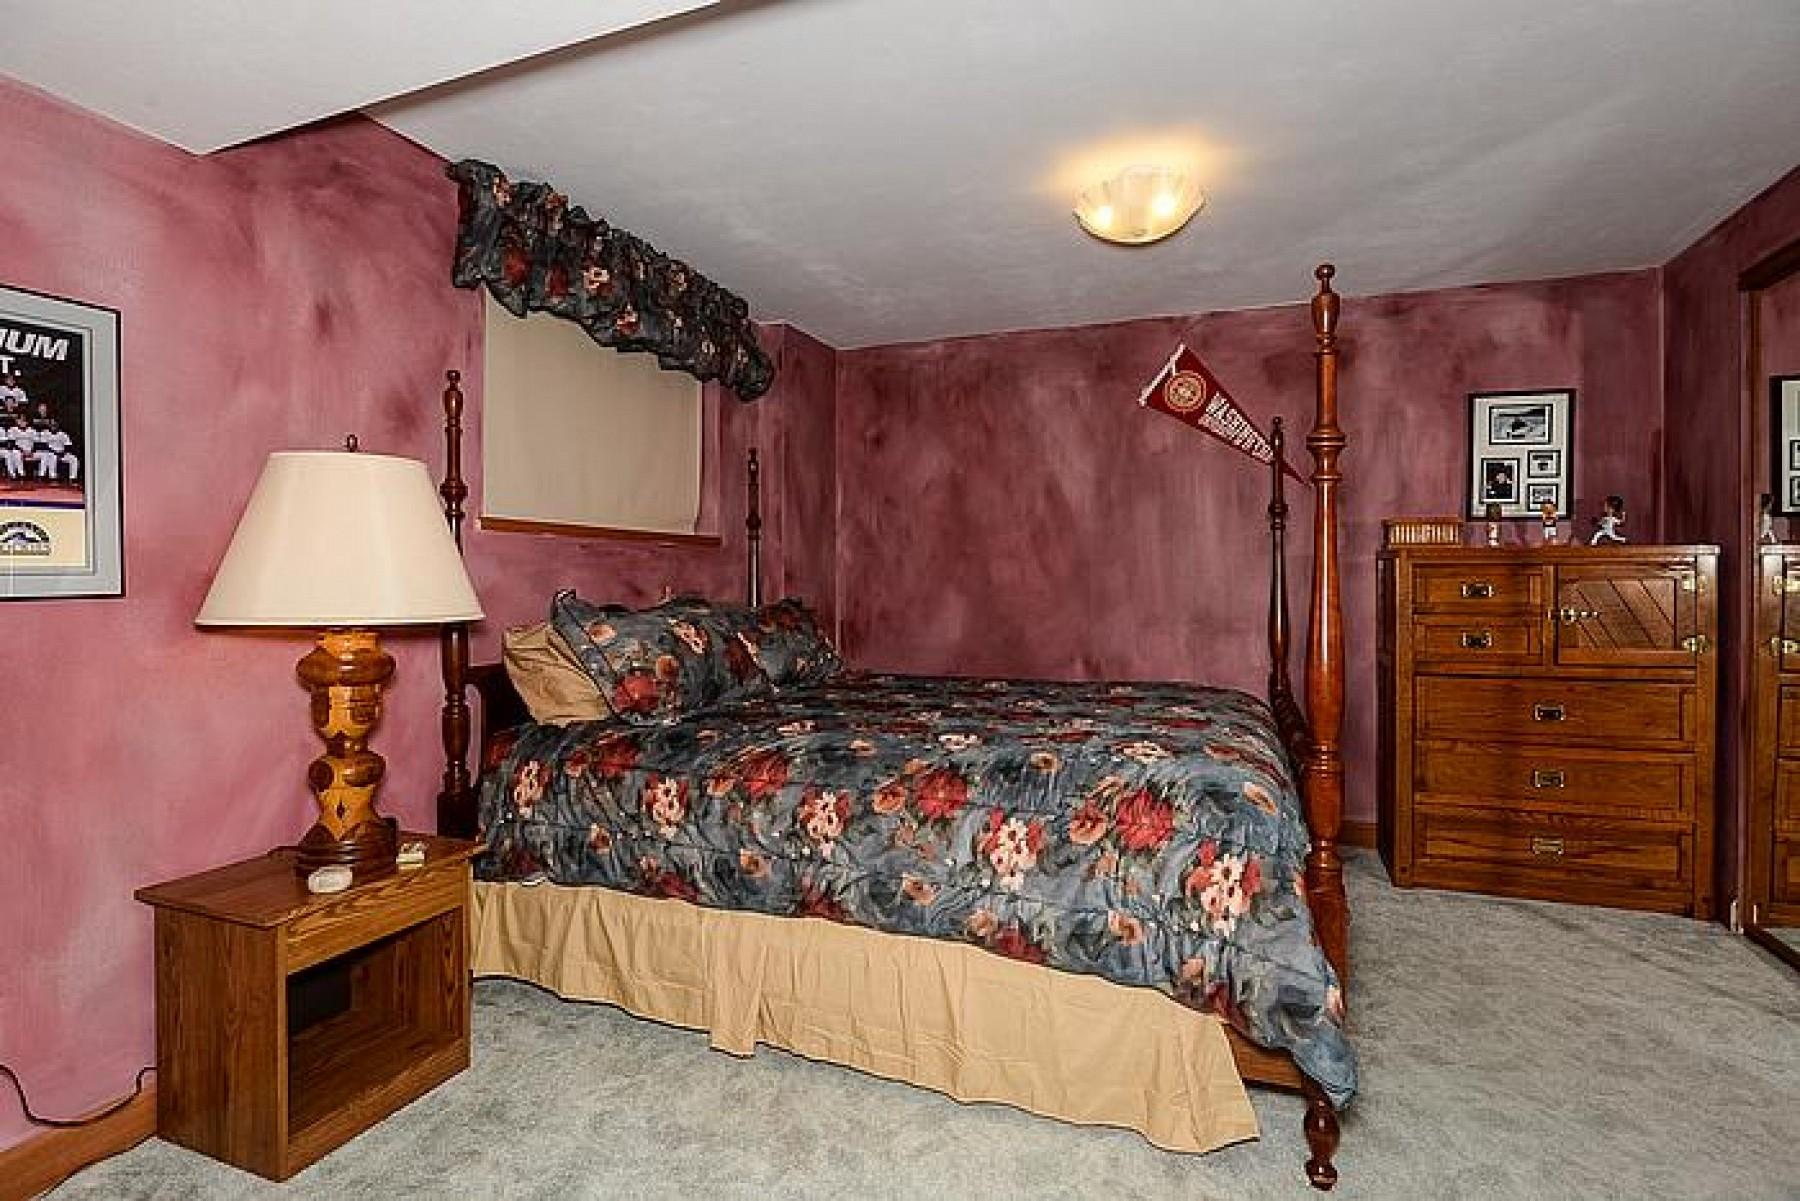 6151 S. Niagara Way, Centennial, CO 80111